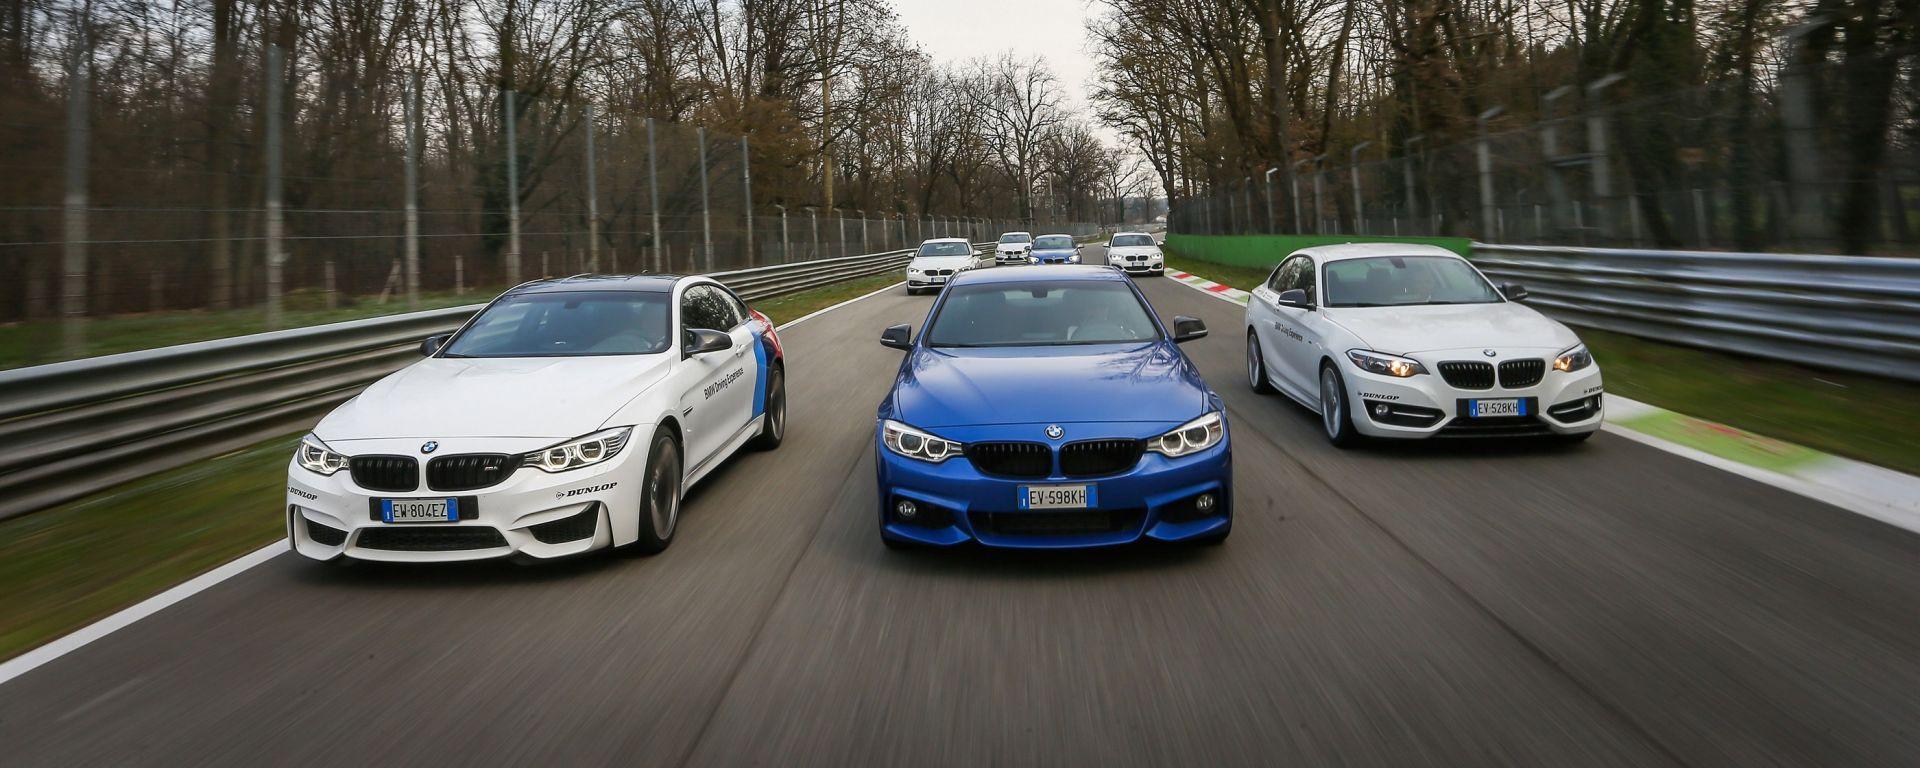 BMW Driving Experience: dai banchi alla pista